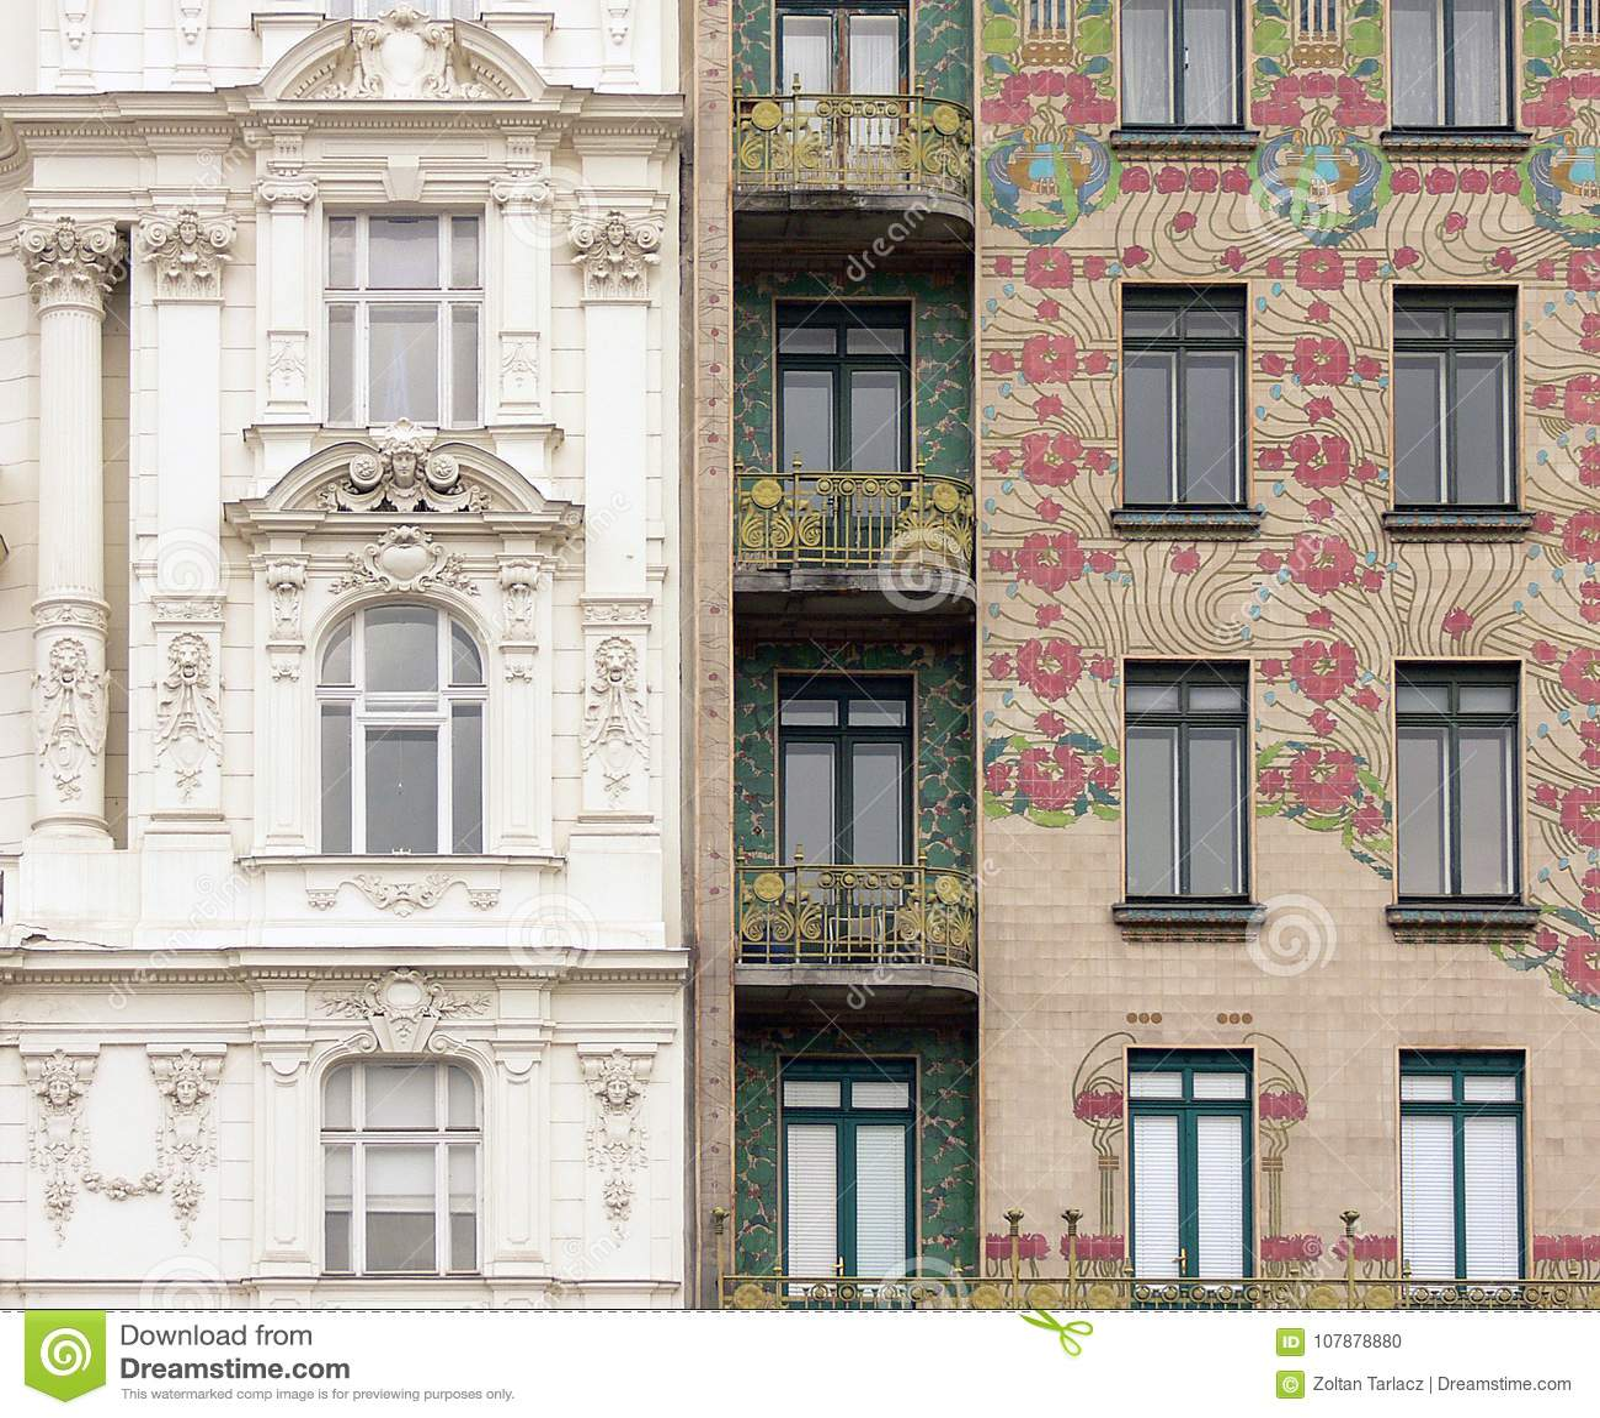 Klasyk spotyka sztukę Nouveau w Wiedeń, Austria